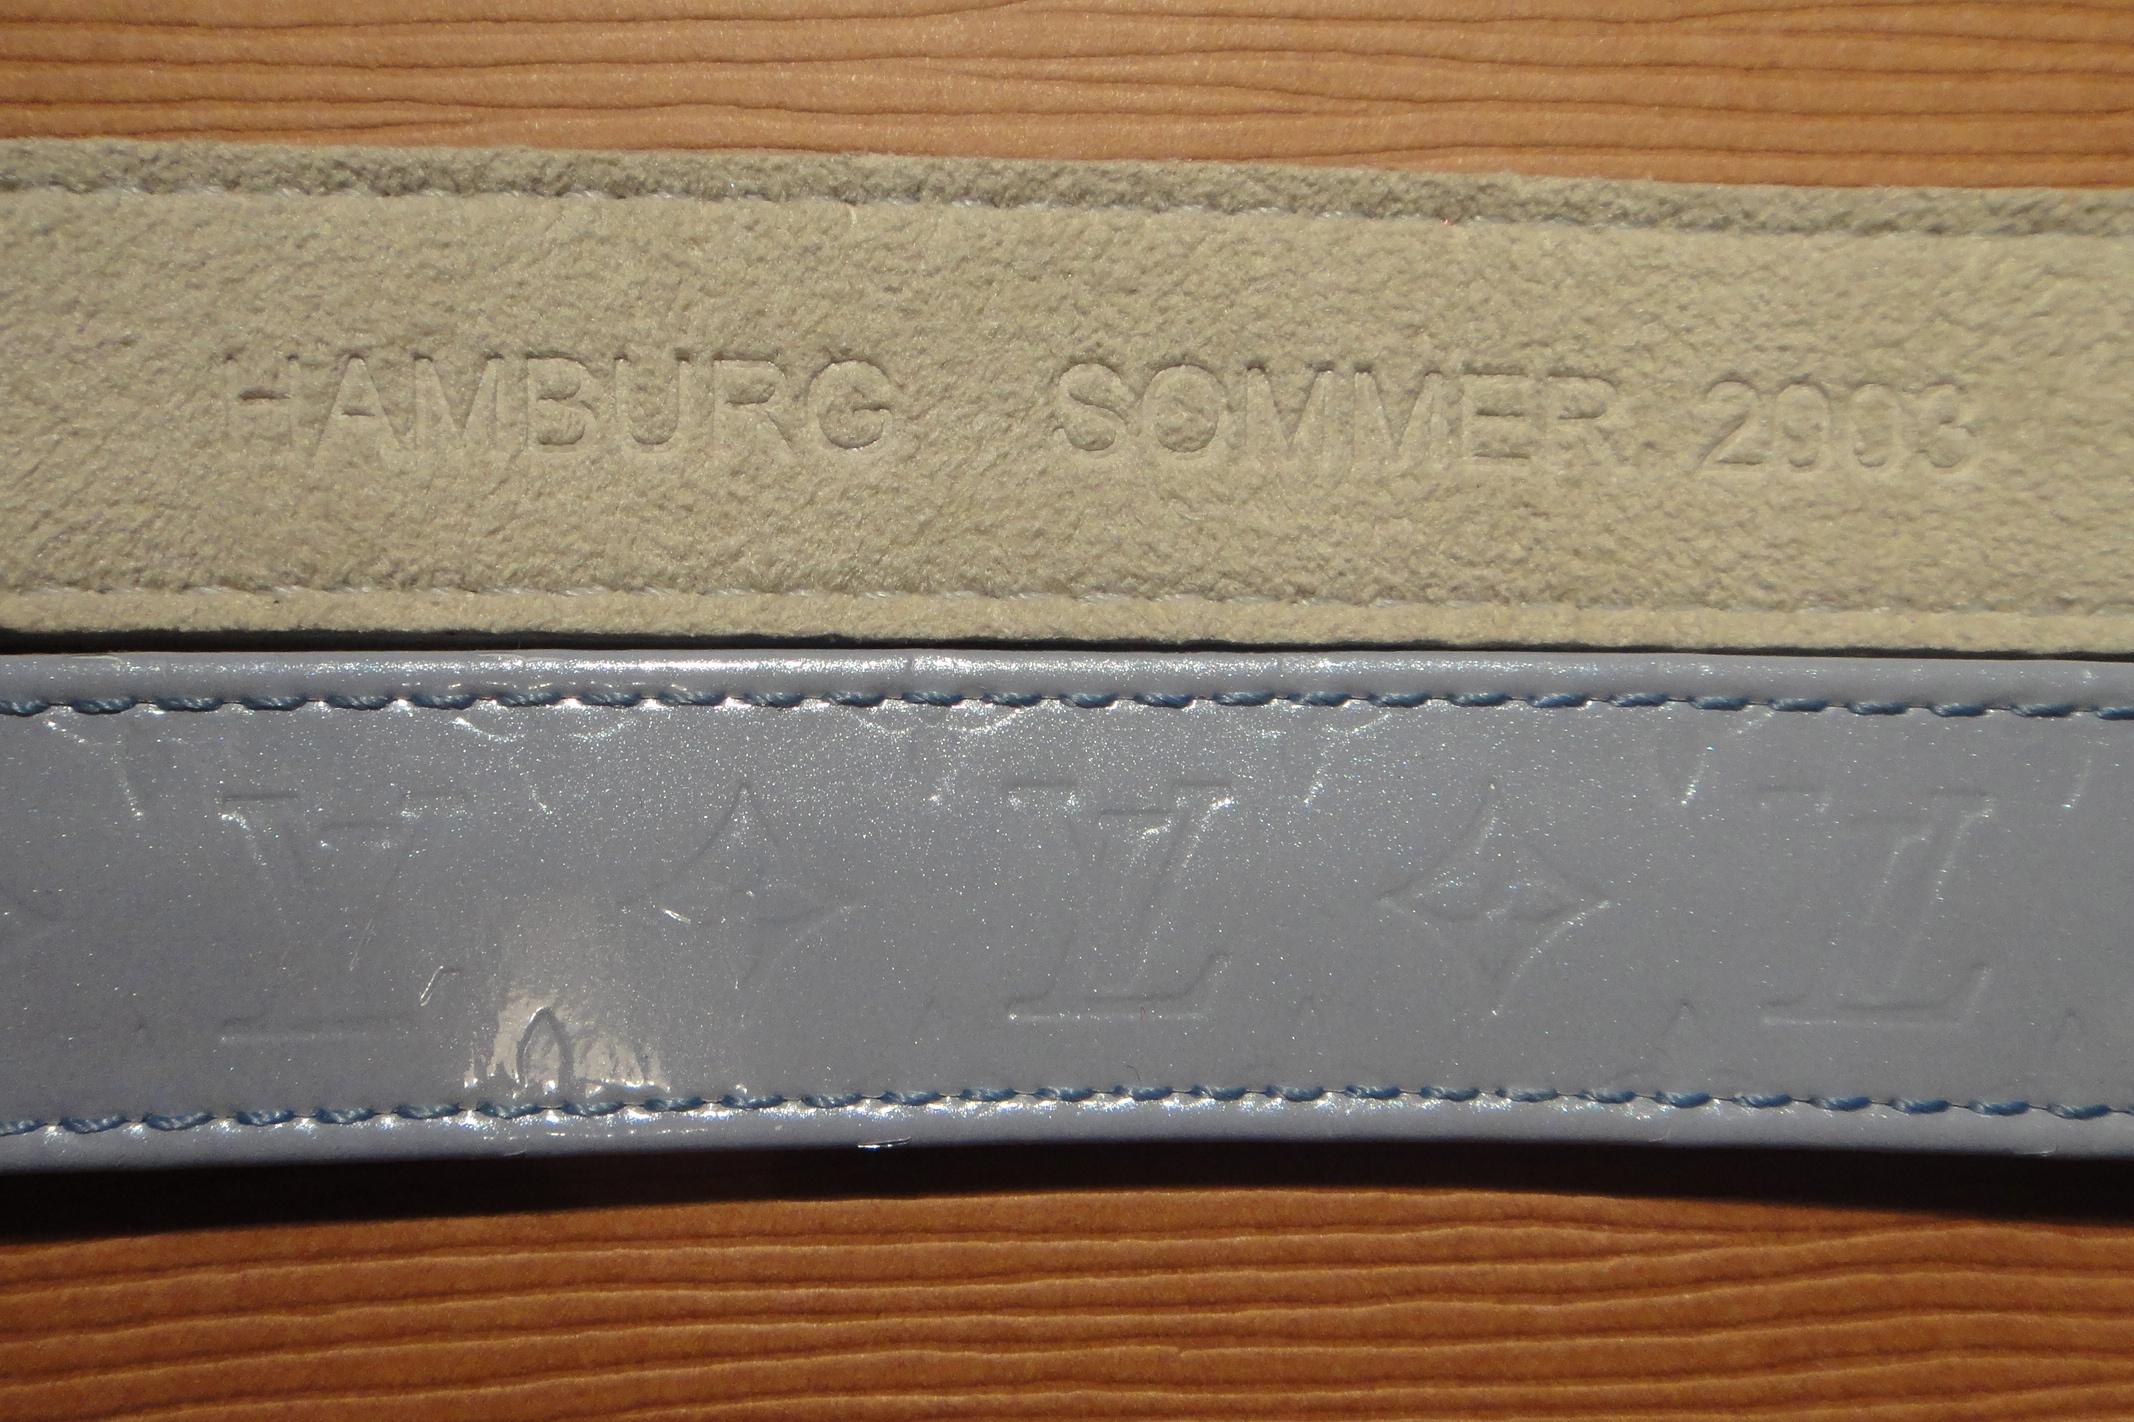 Vernis Lavender opening bracelet LV Hamburg summer 2003